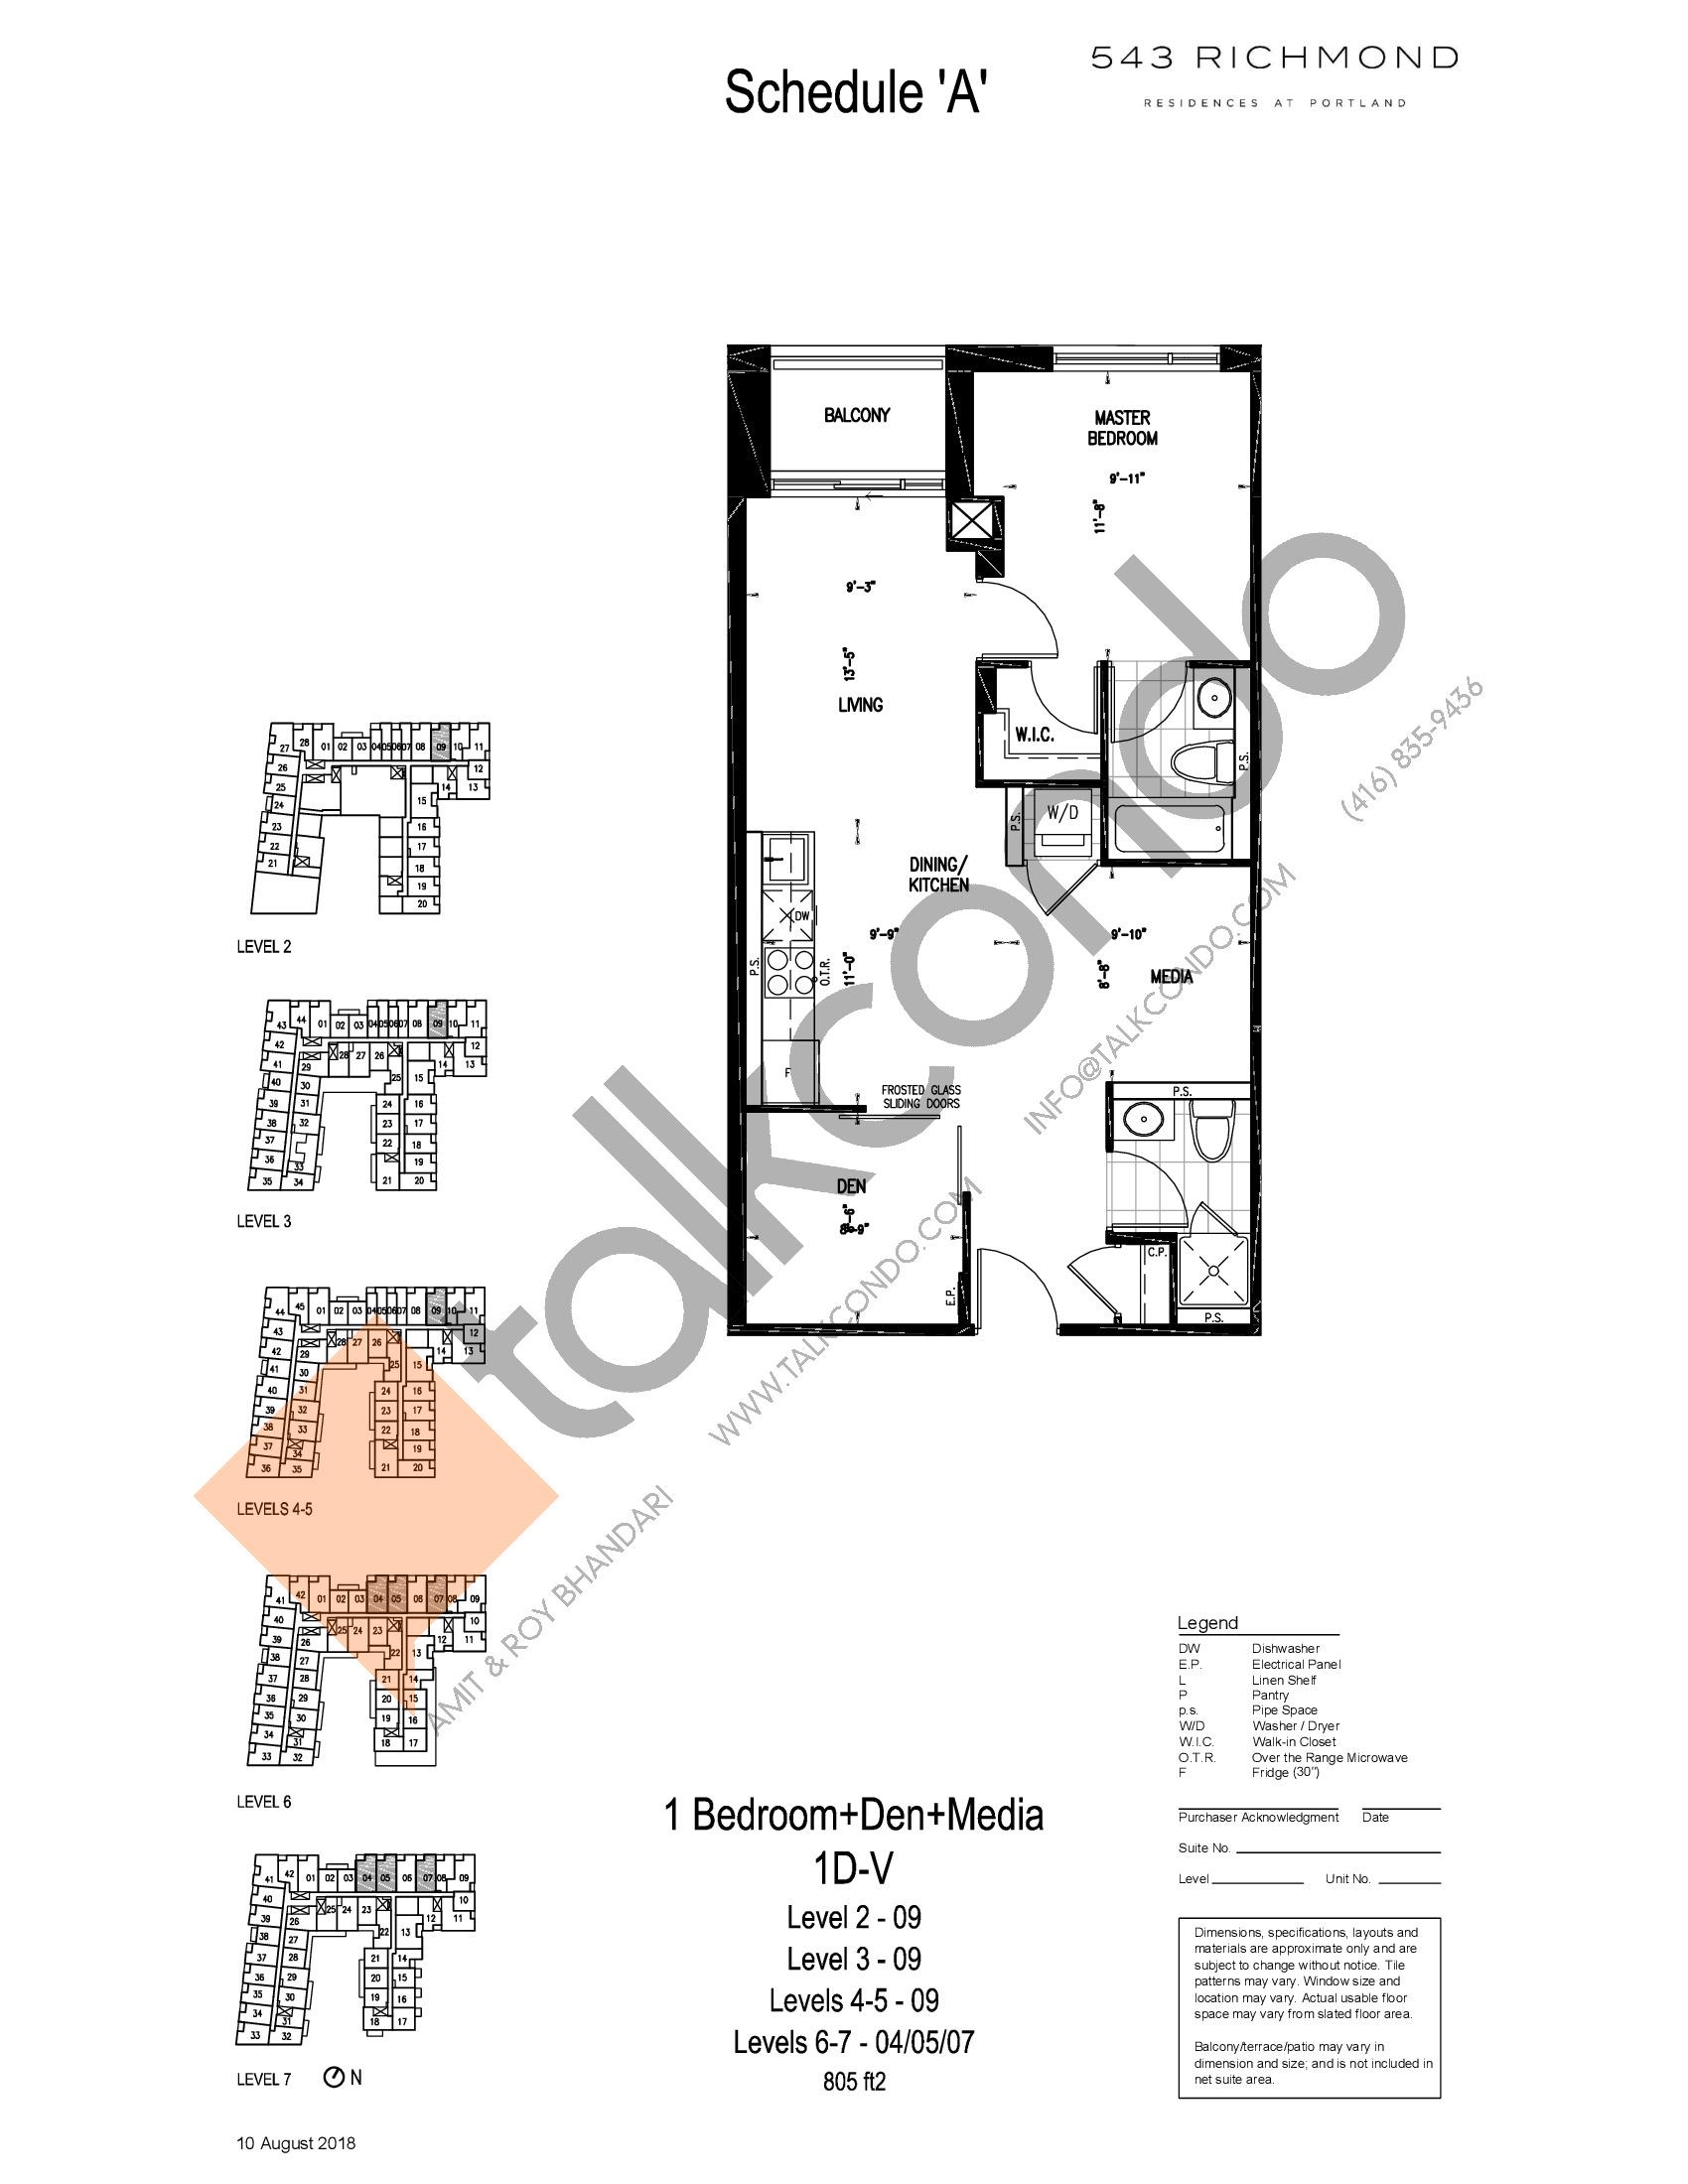 1D-V Floor Plan at 543 Richmond St Condos - 805 sq.ft